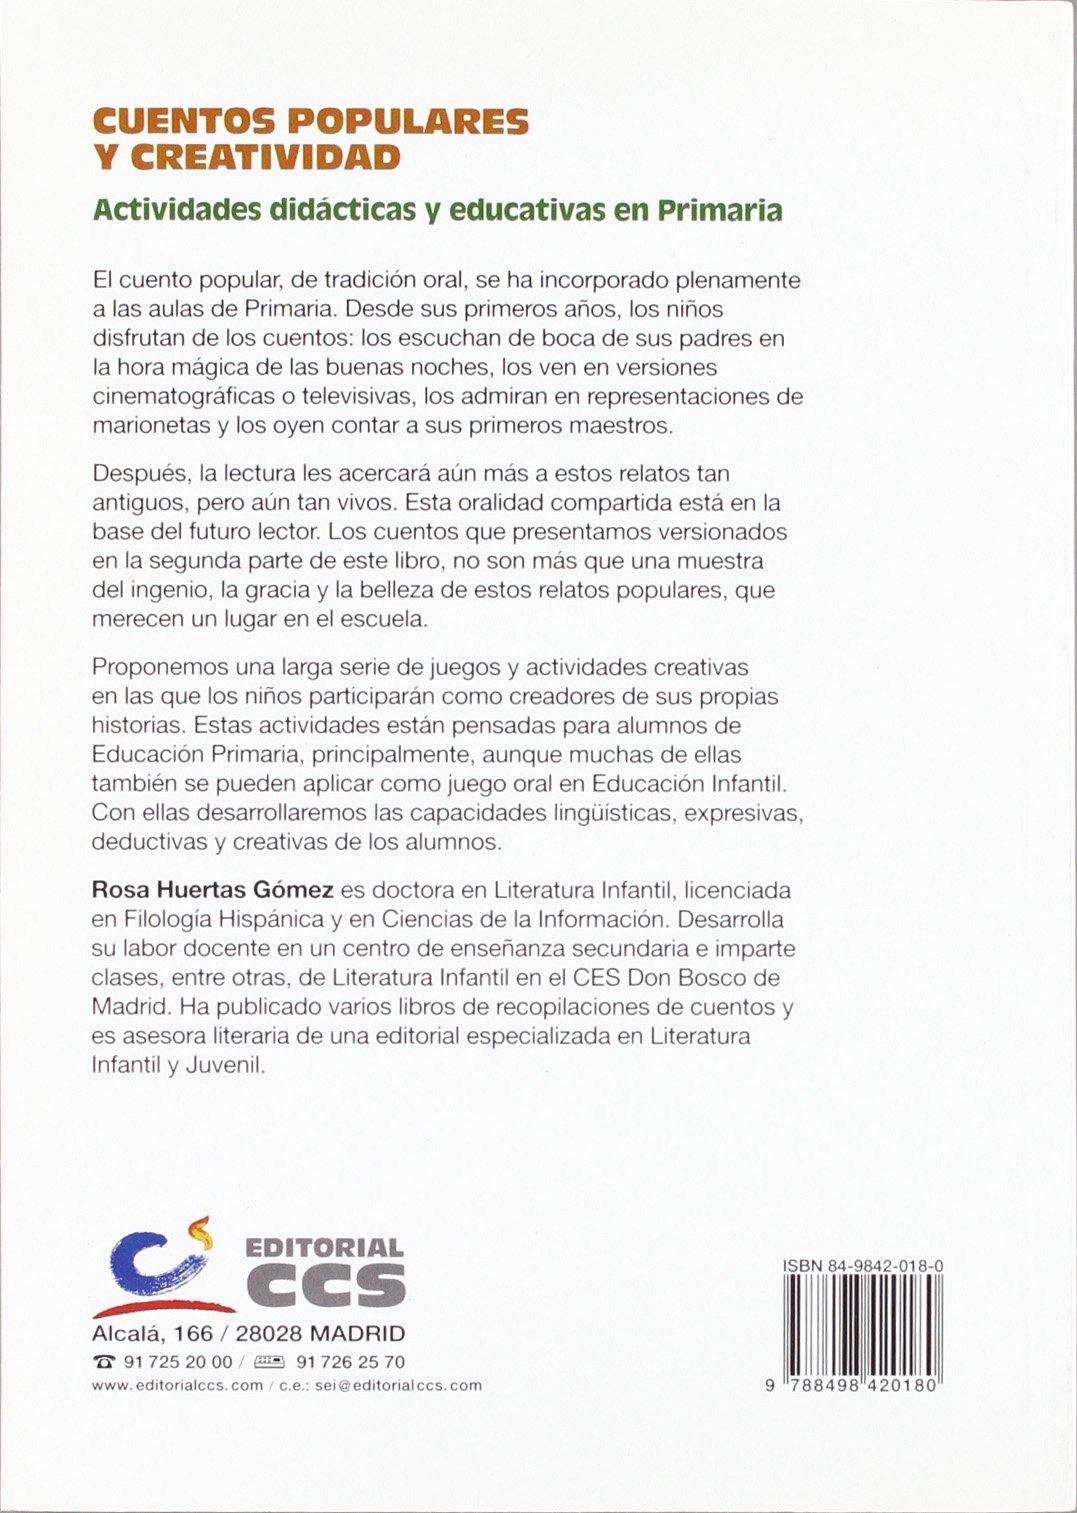 Cuentos Populares Y Creatividad: Rosa Huertas: 9788498420180: Amazon.com: Books